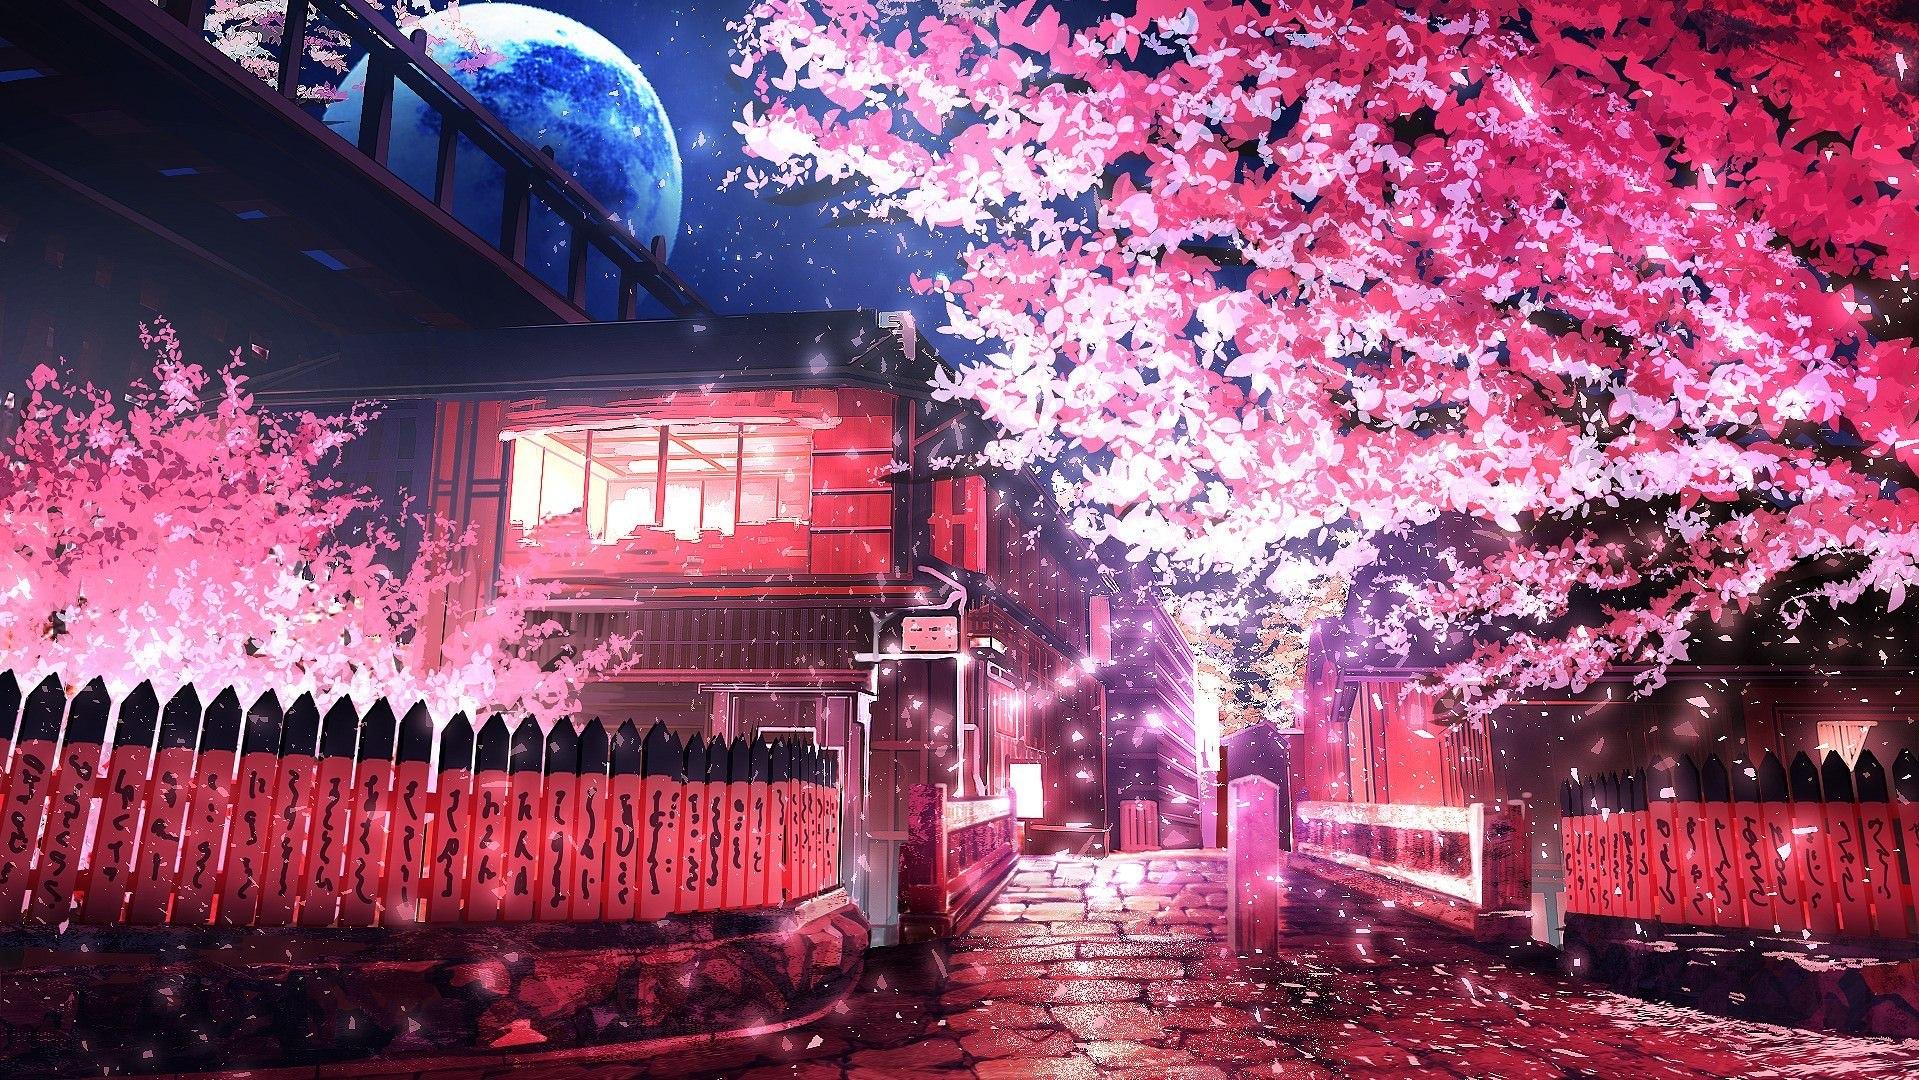 Khung cảnh hoa anh đào buổi tối trong anime